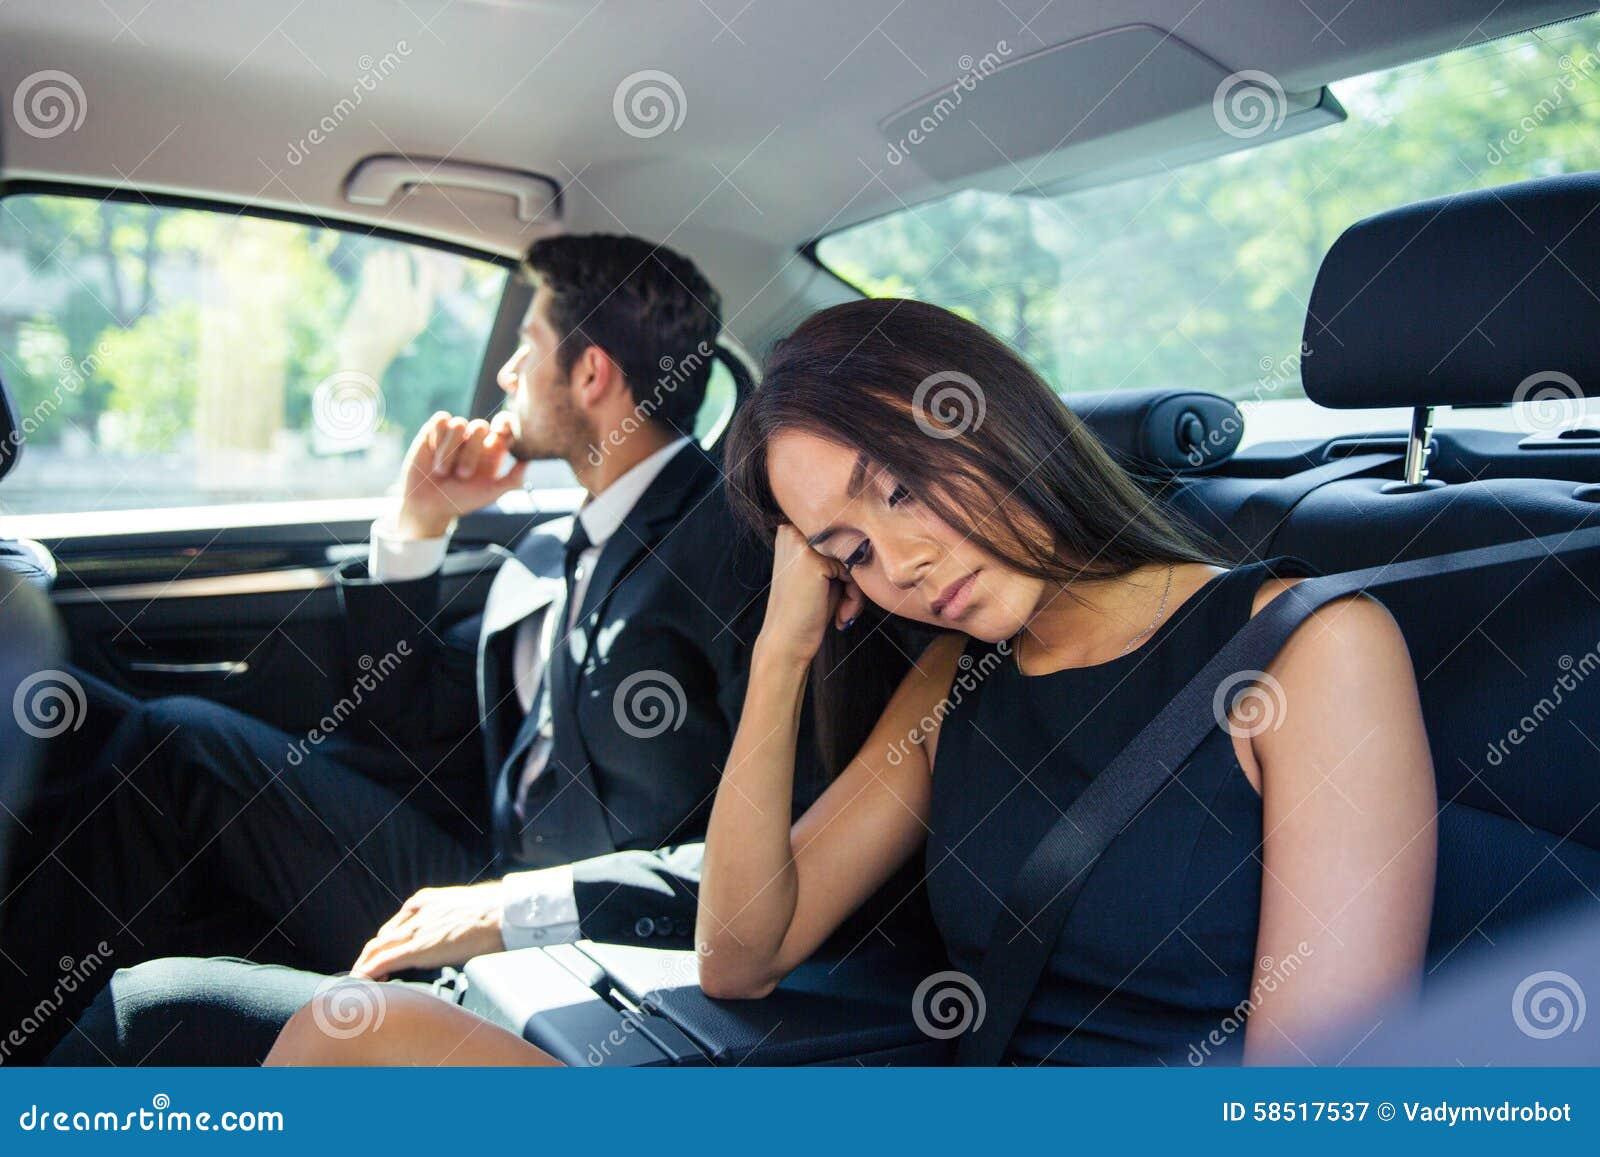 Хозяйка водитель секс, Накаченный водитель трахает свою хозяйку в машине 23 фотография